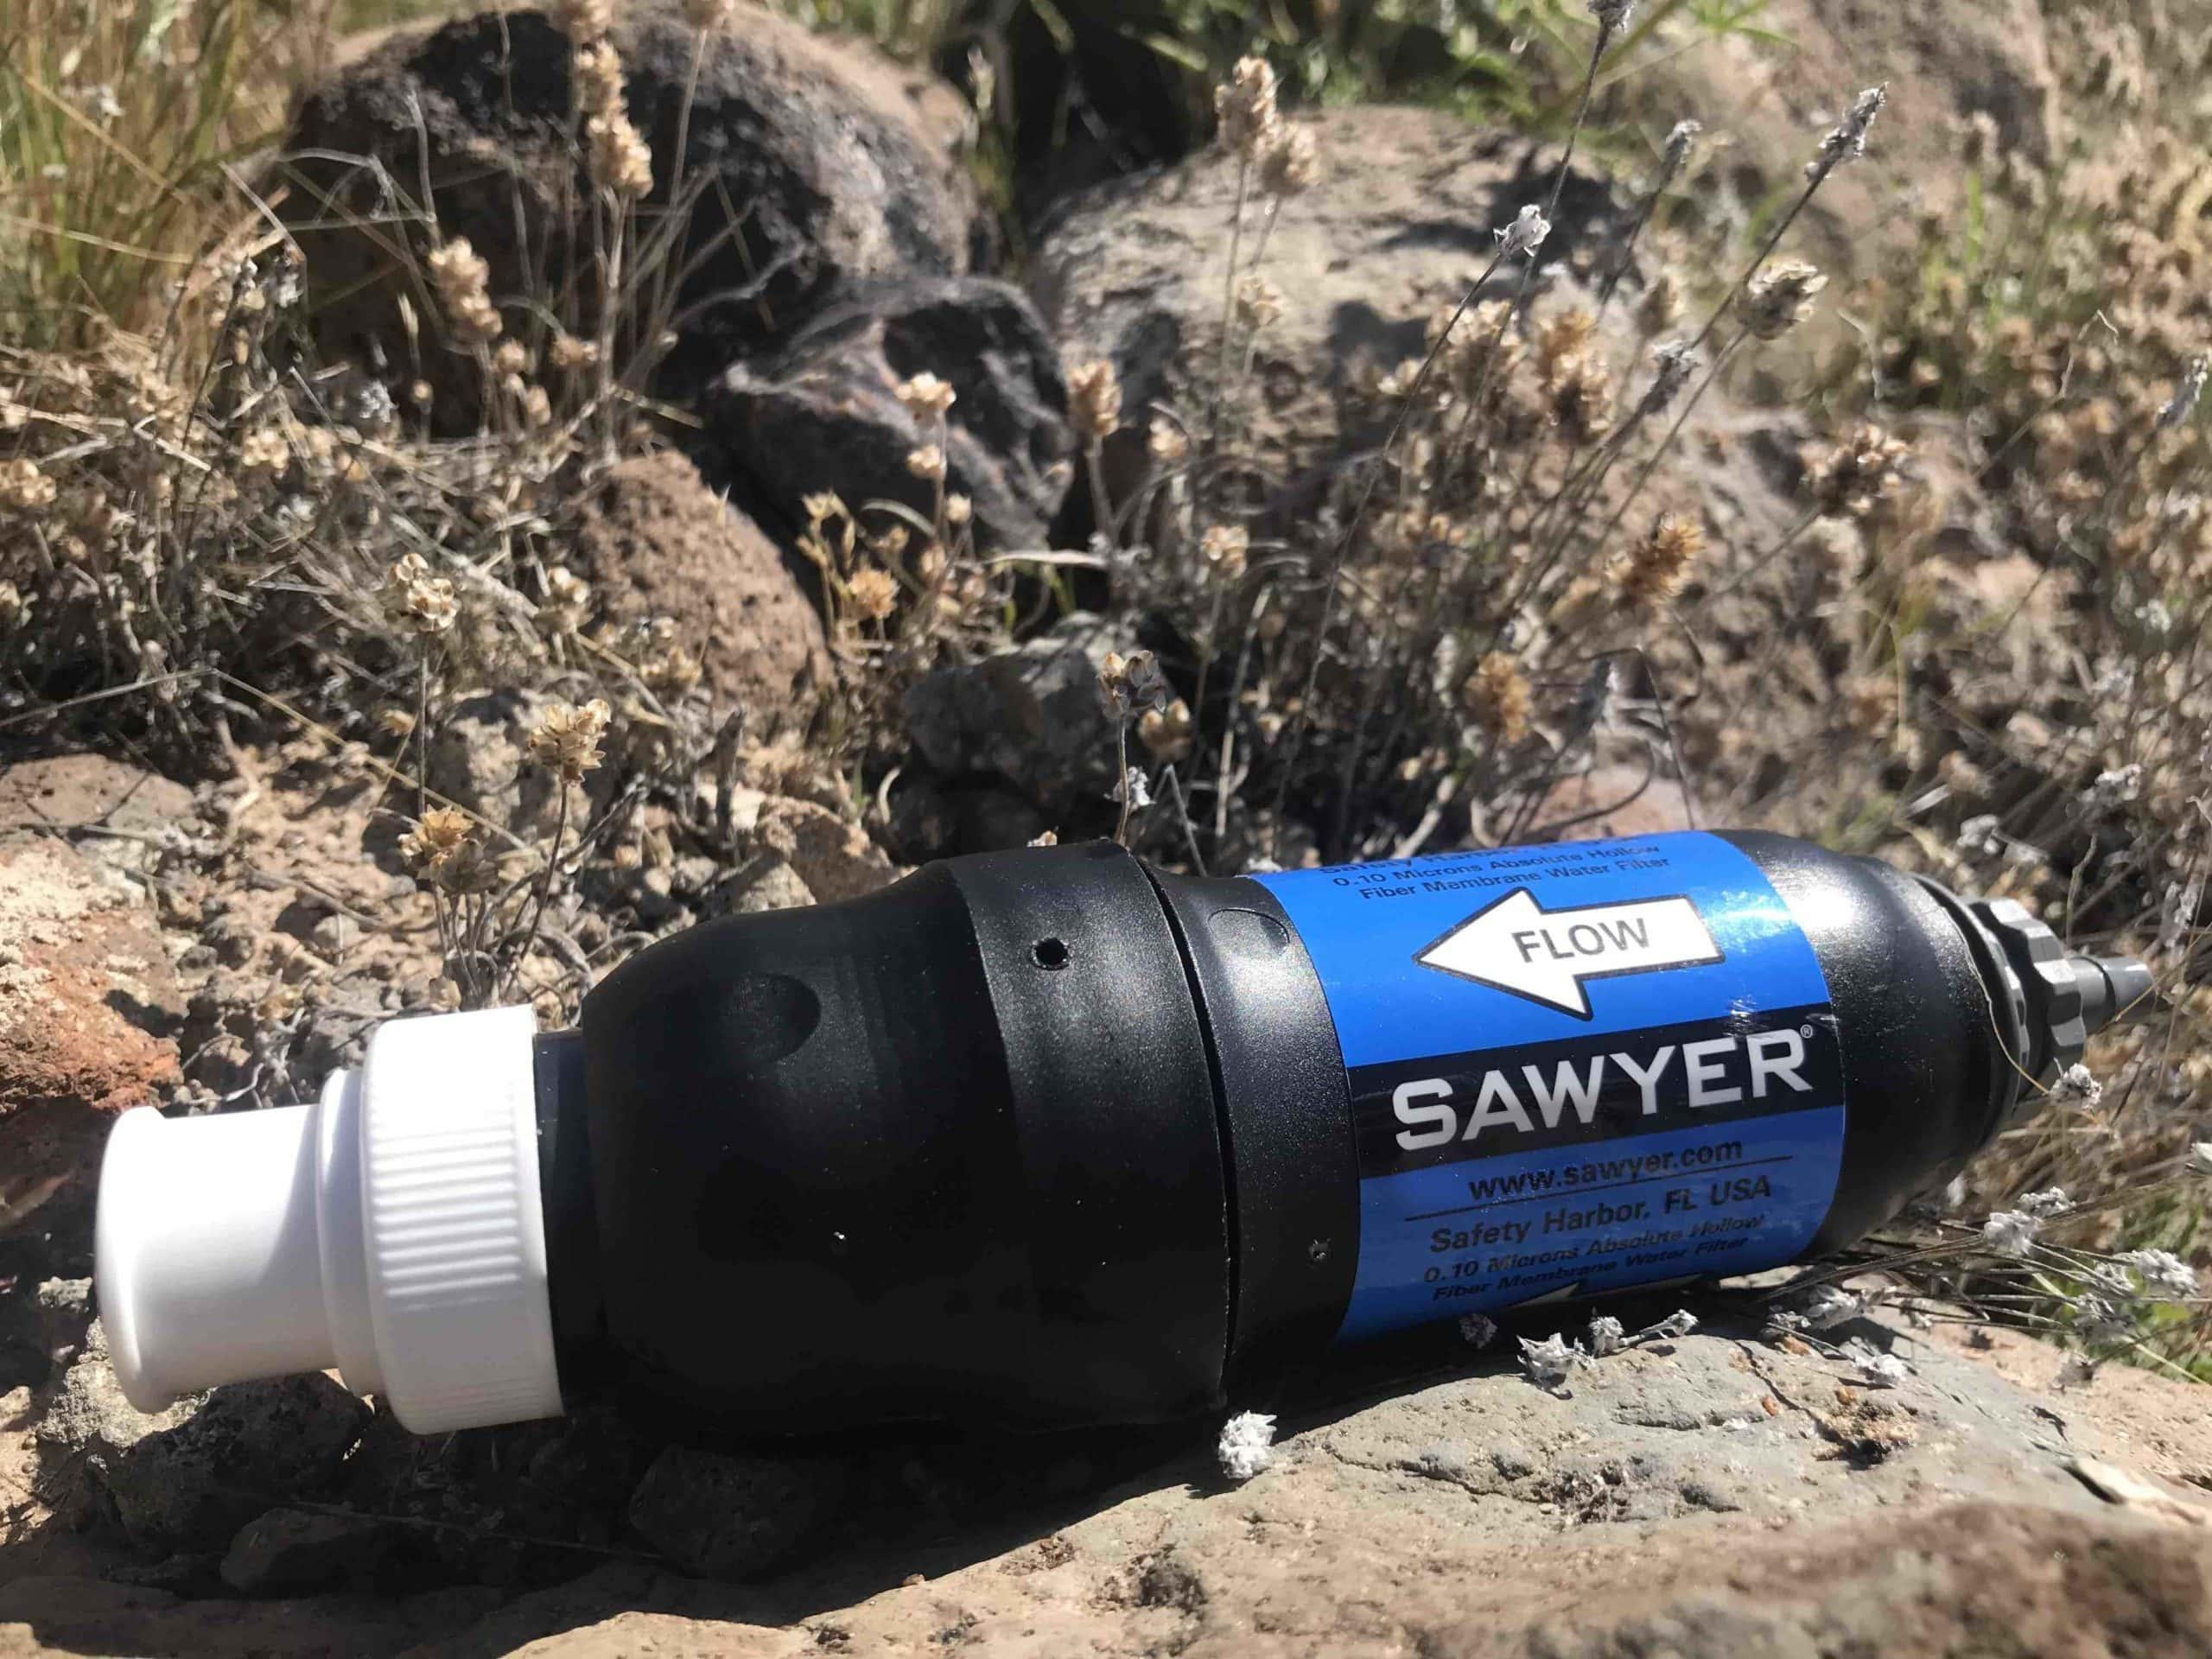 Sawyer Squeeze